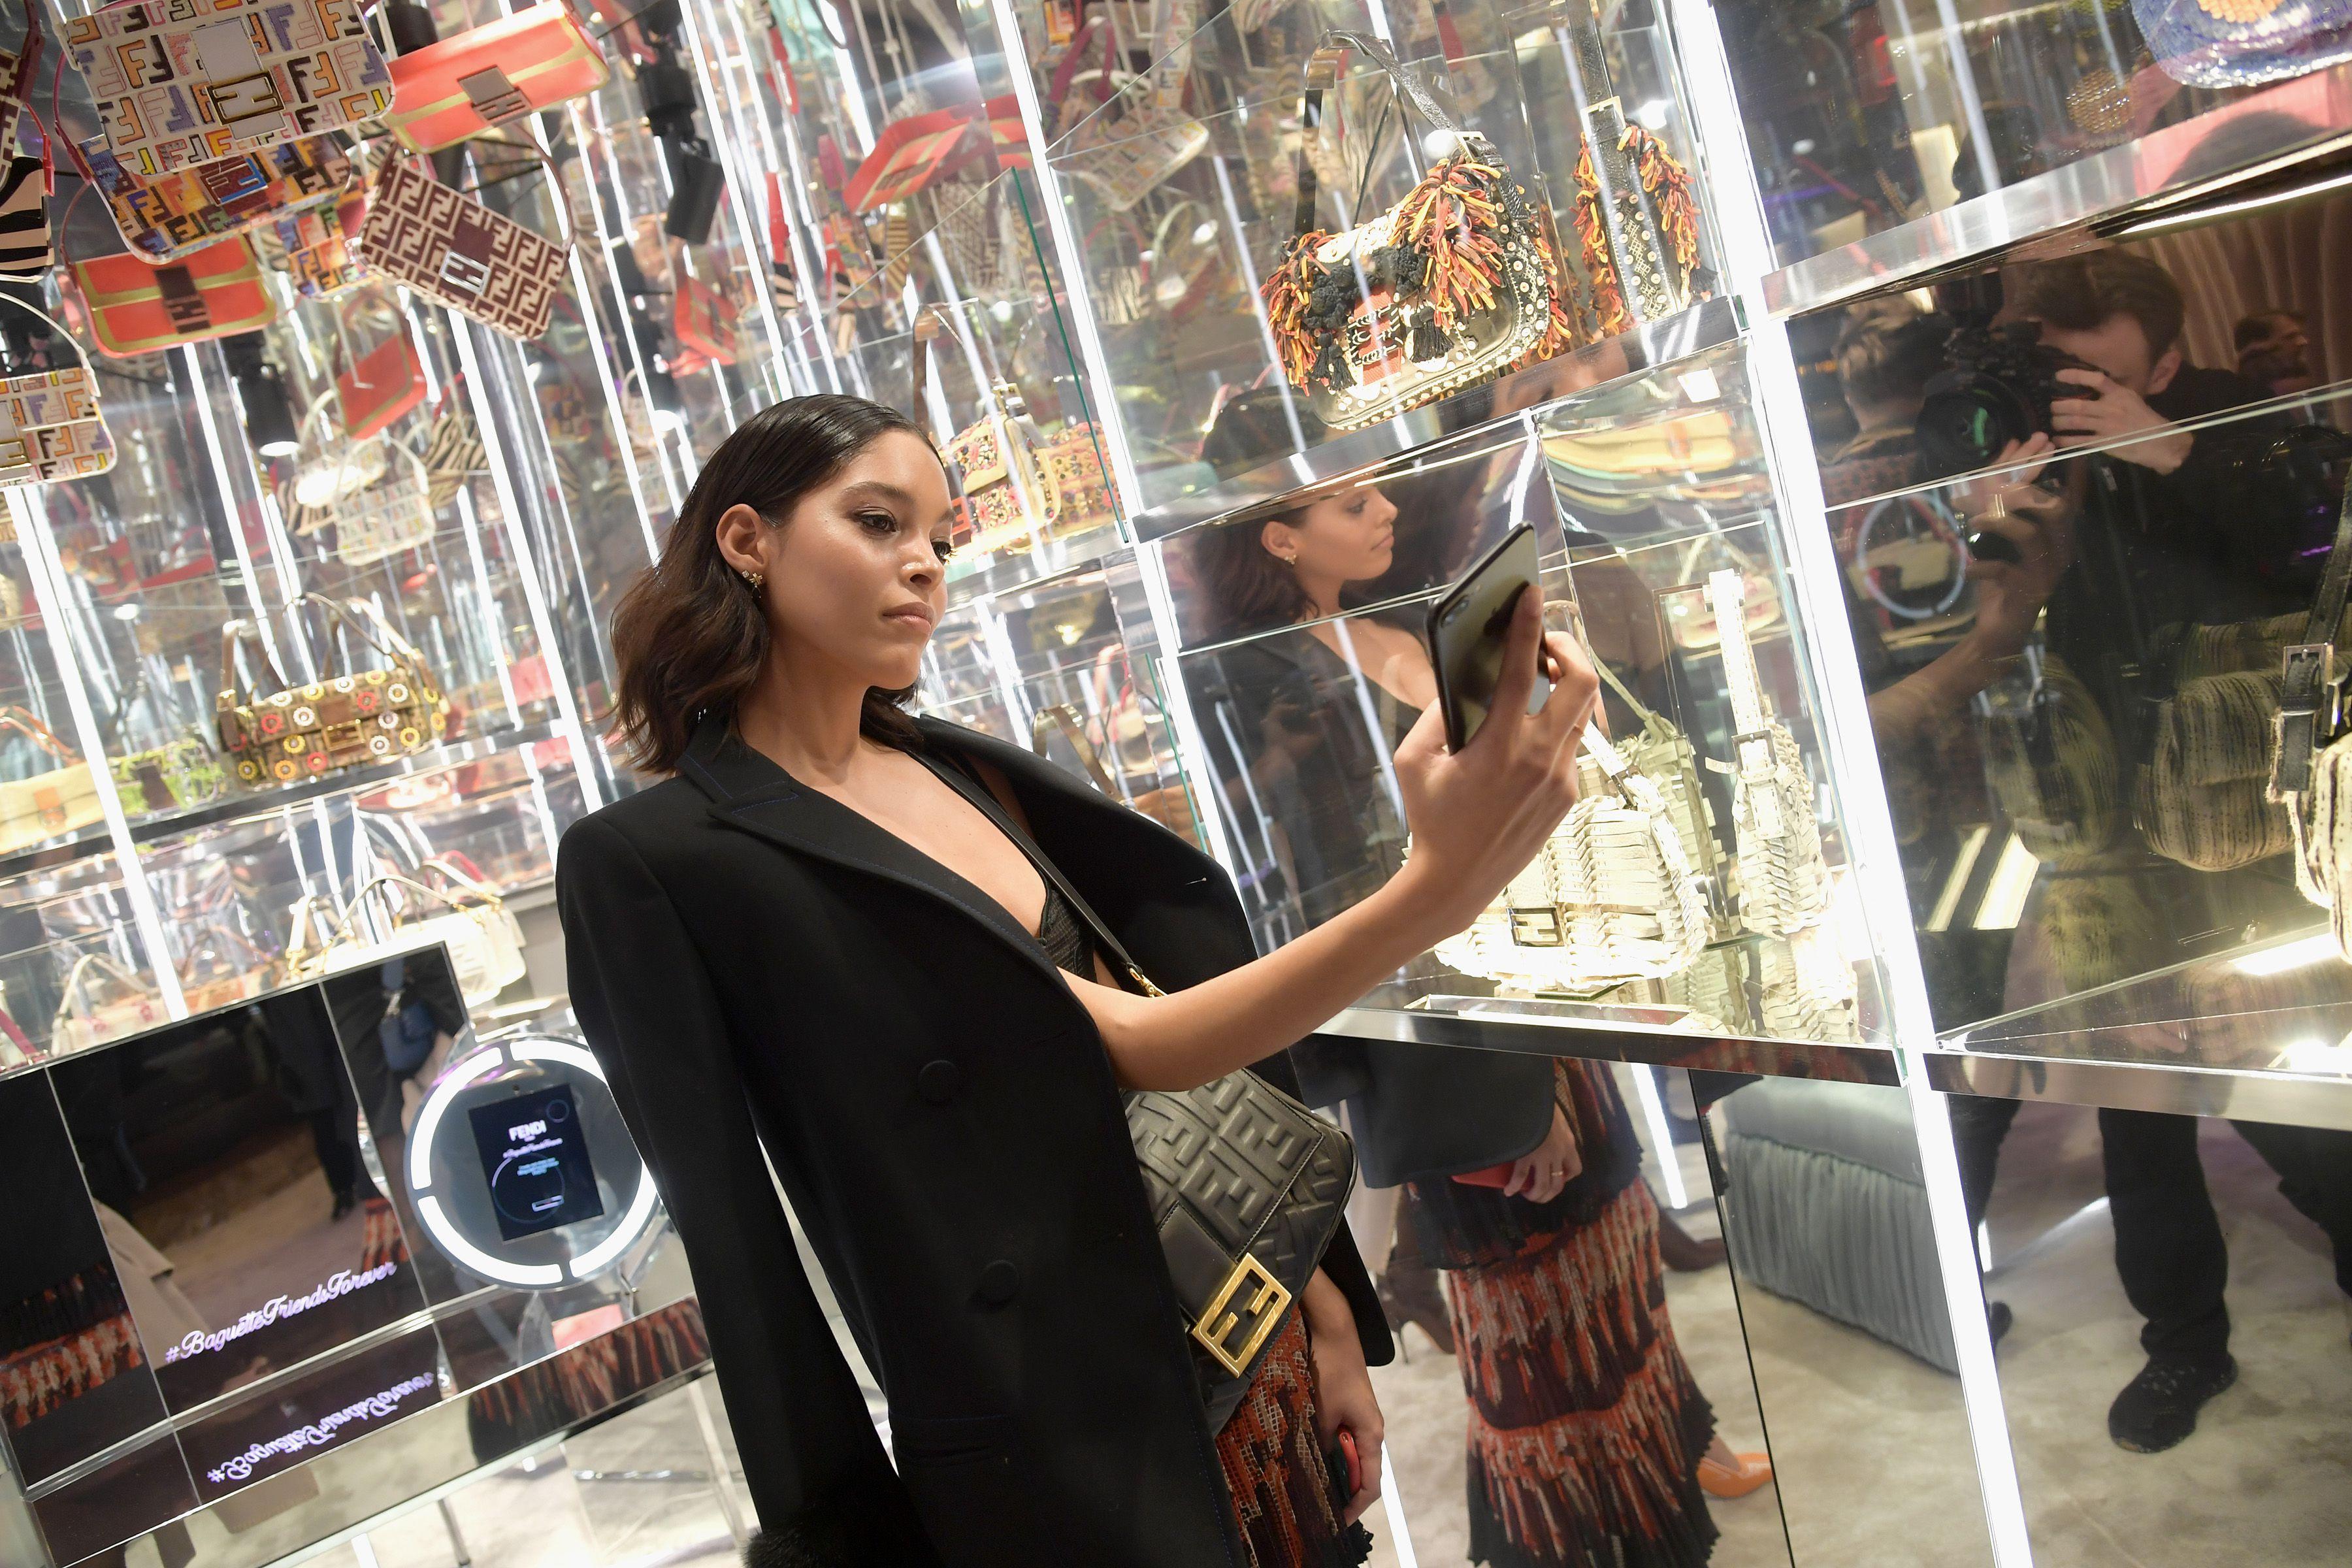 【紐約時裝週】Fendi 紐約派對重演《慾望城市》閨蜜們搶包包的經典橋段!女主角「凱莉」客串,一句話打趴IG部落客!